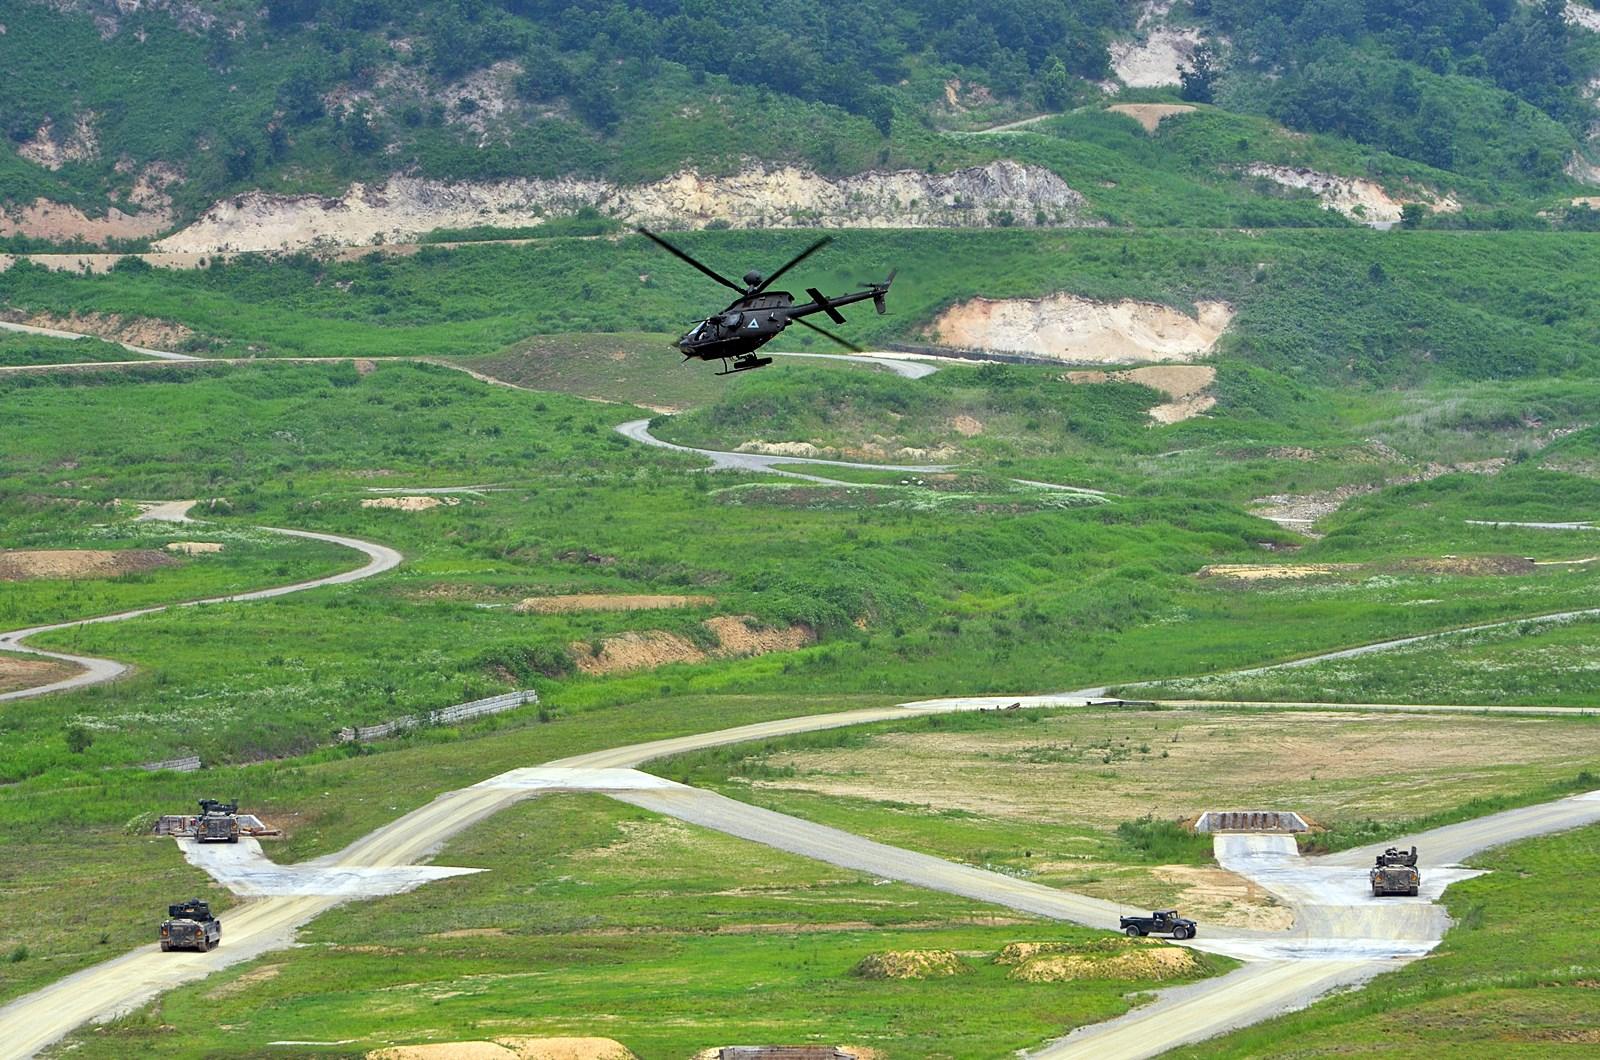 하와이주둔 6기갑 2대대 OH-58D 헬기 평택에 배치